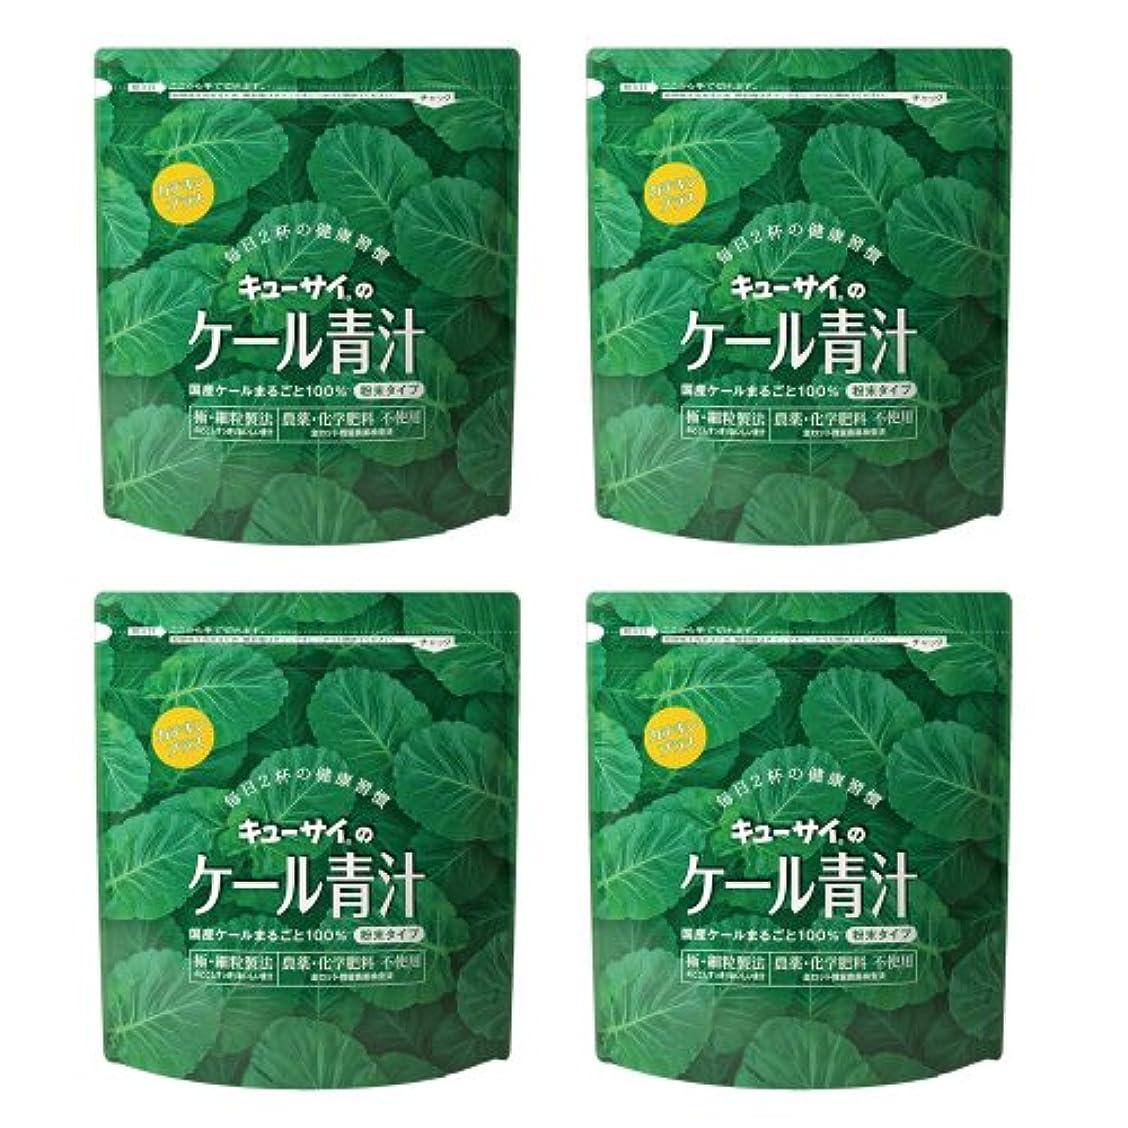 サーバントスカルク仕事キューサイ青汁カテキンプラス420g(粉末タイプ)4袋まとめ買い【1袋420g(約1カ月分)】